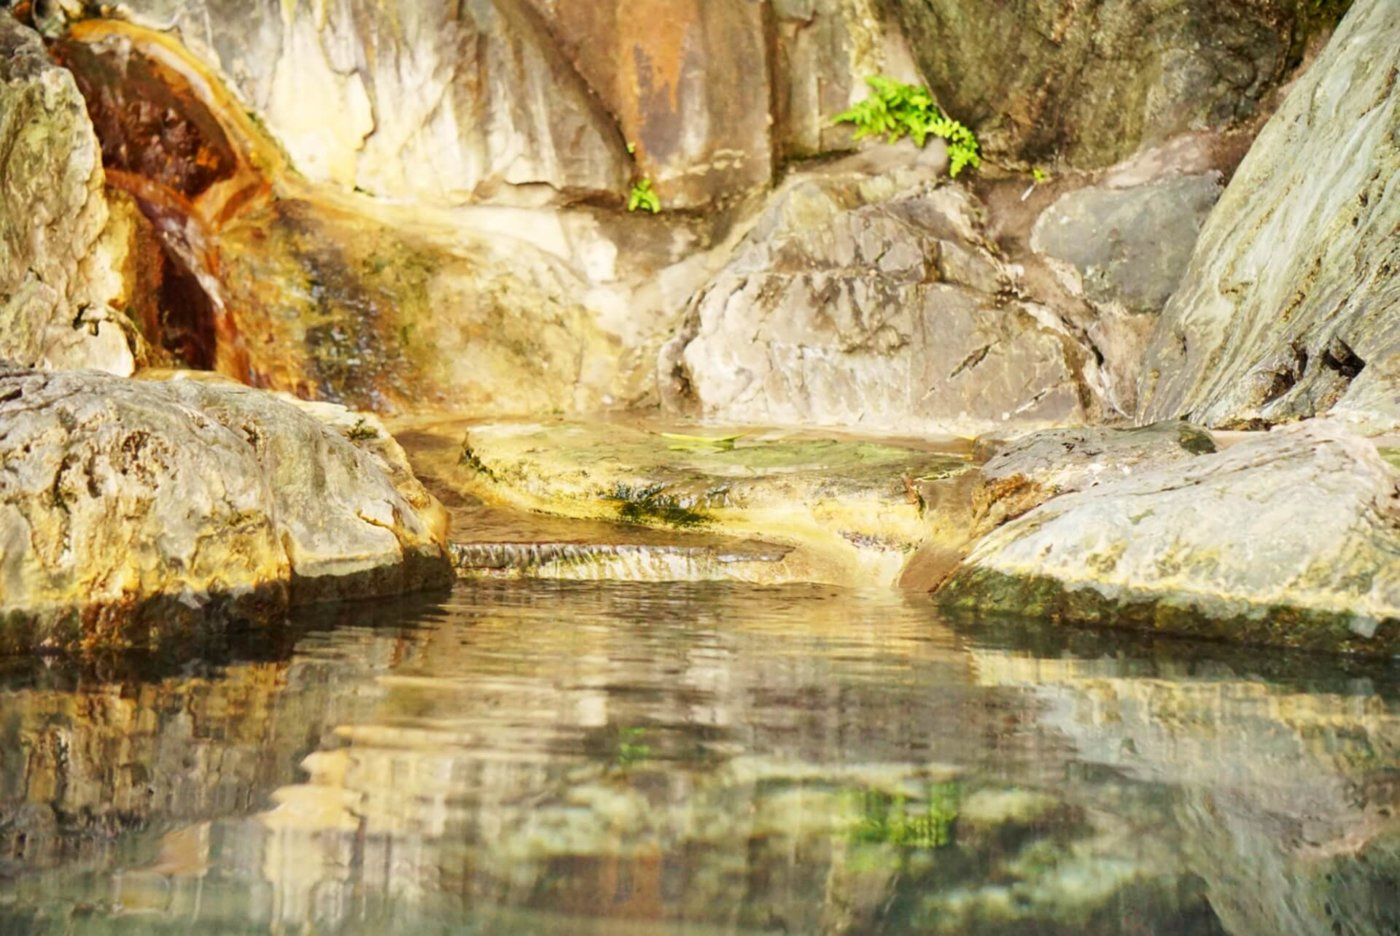 福島で露天風呂の温泉に入って歴史を勉強しよう!